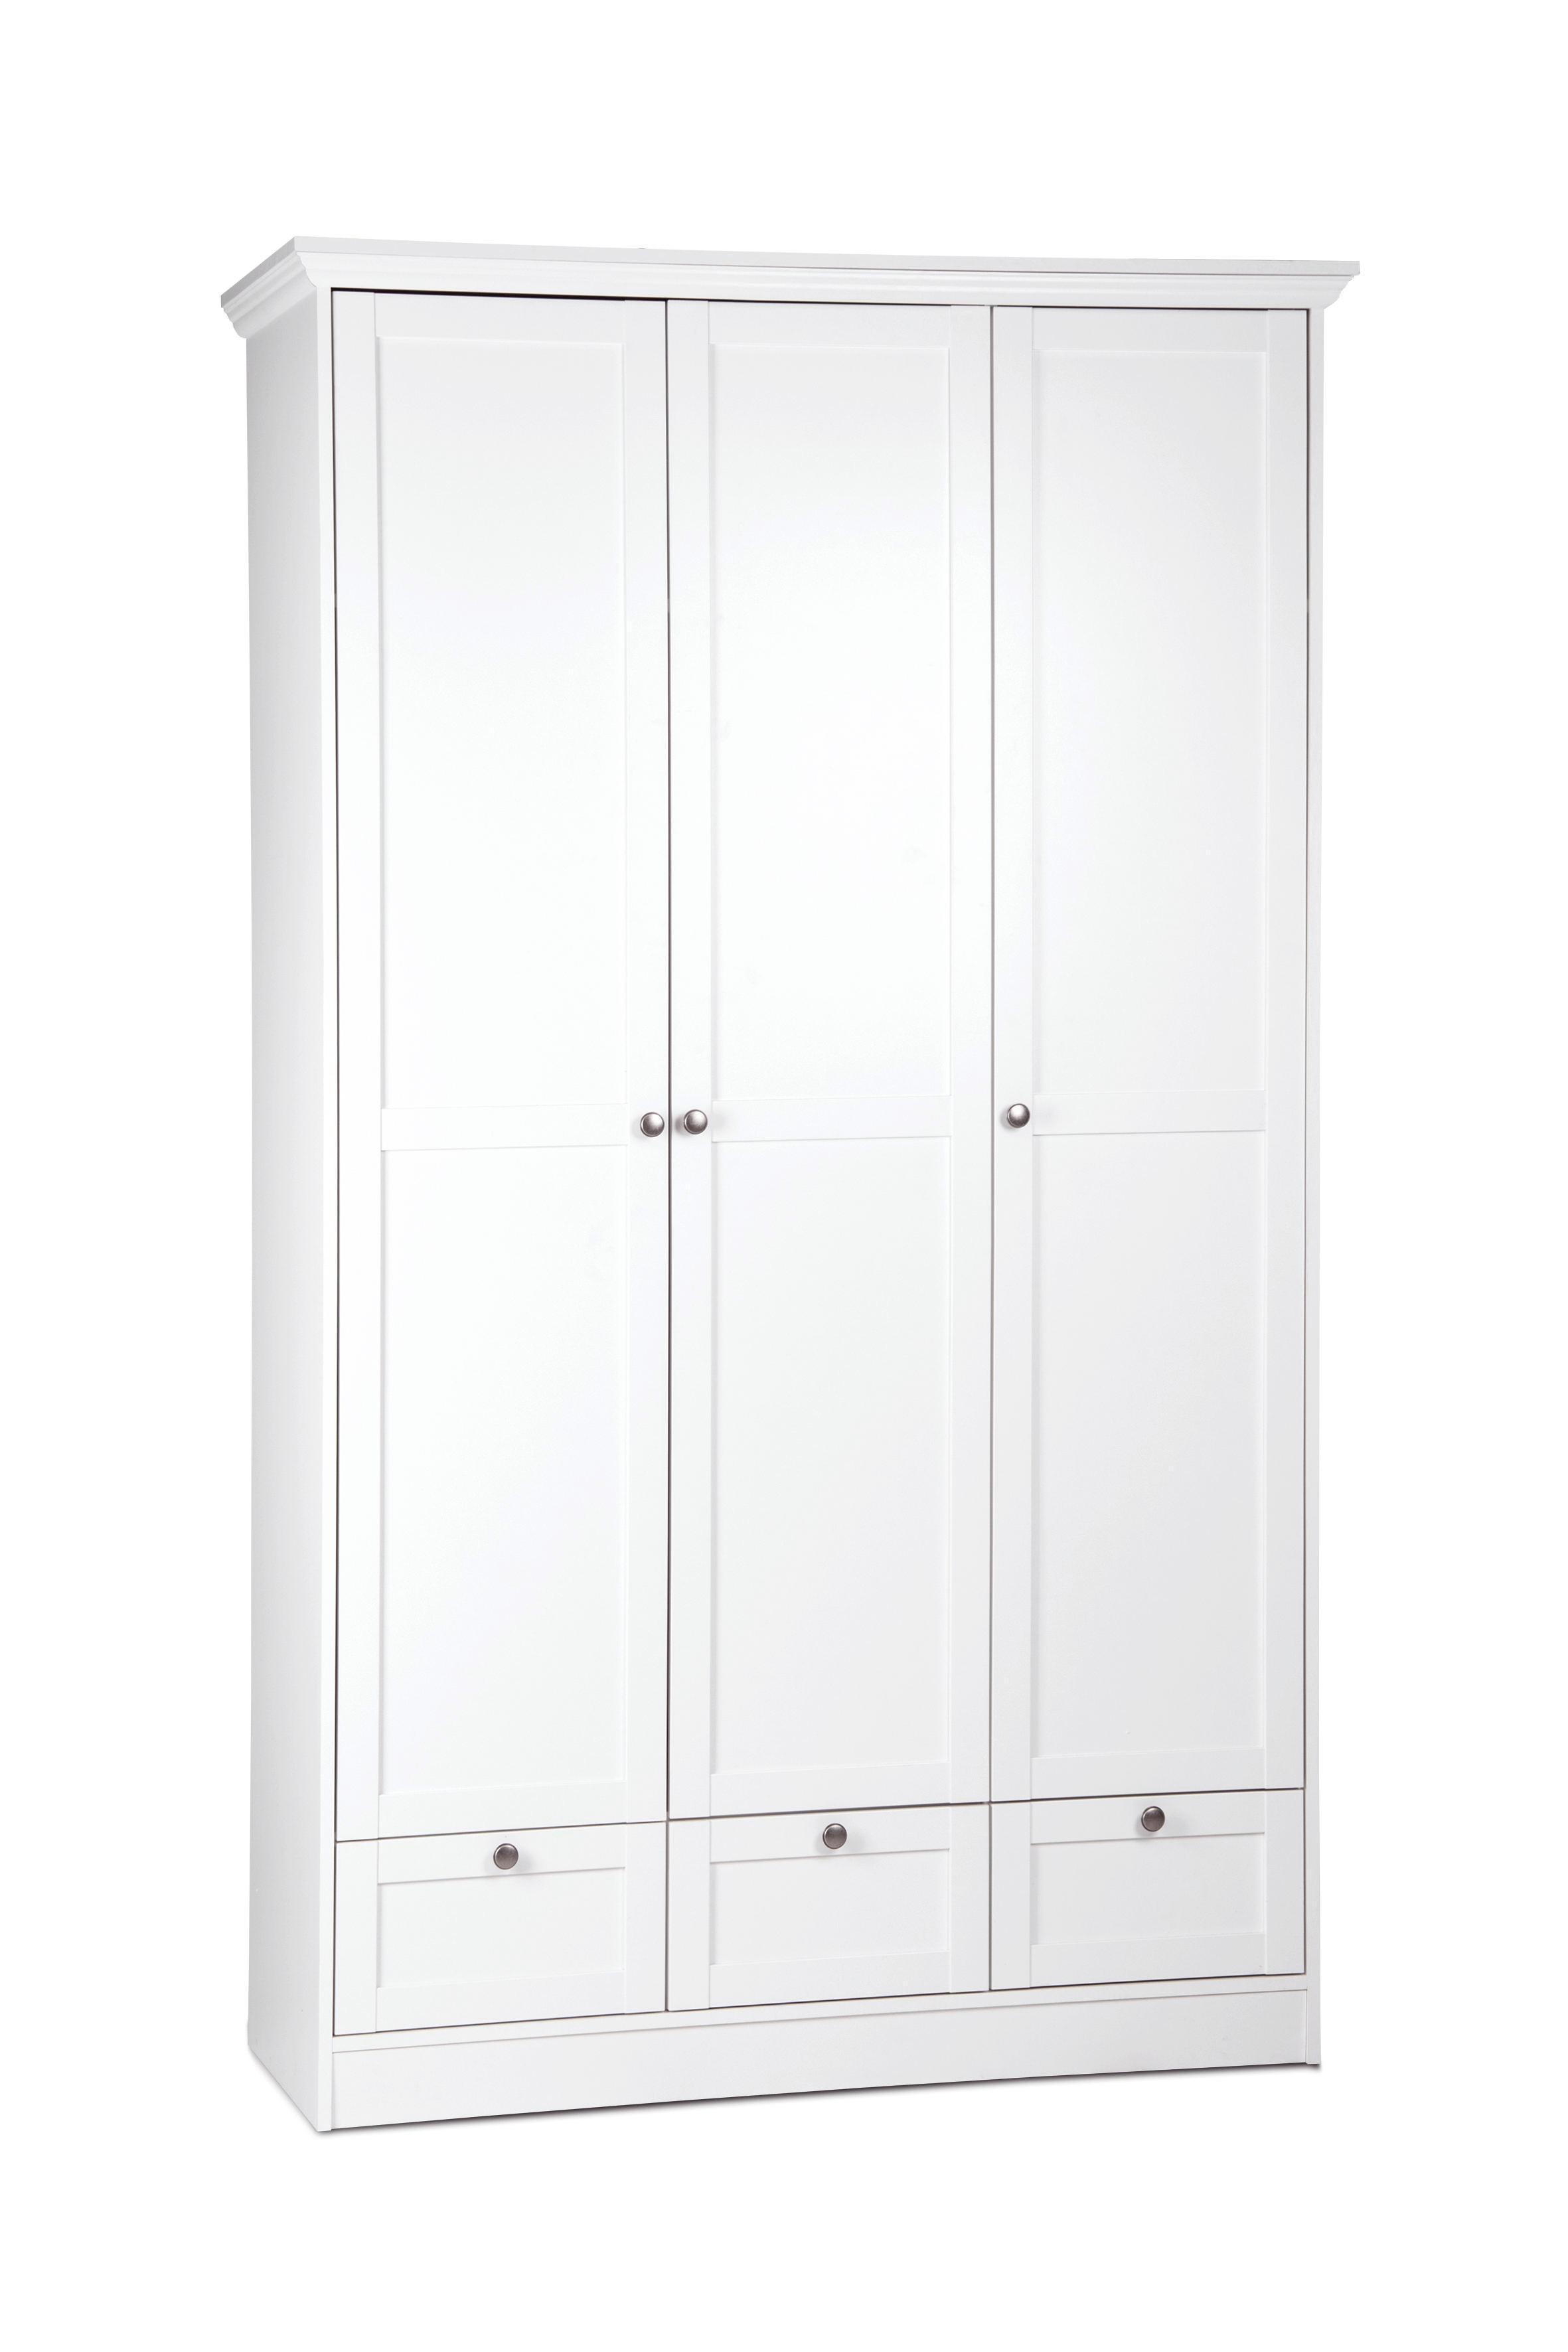 Kleiderschrank 3 Turig Weiss Online Kaufen Xxxlutz